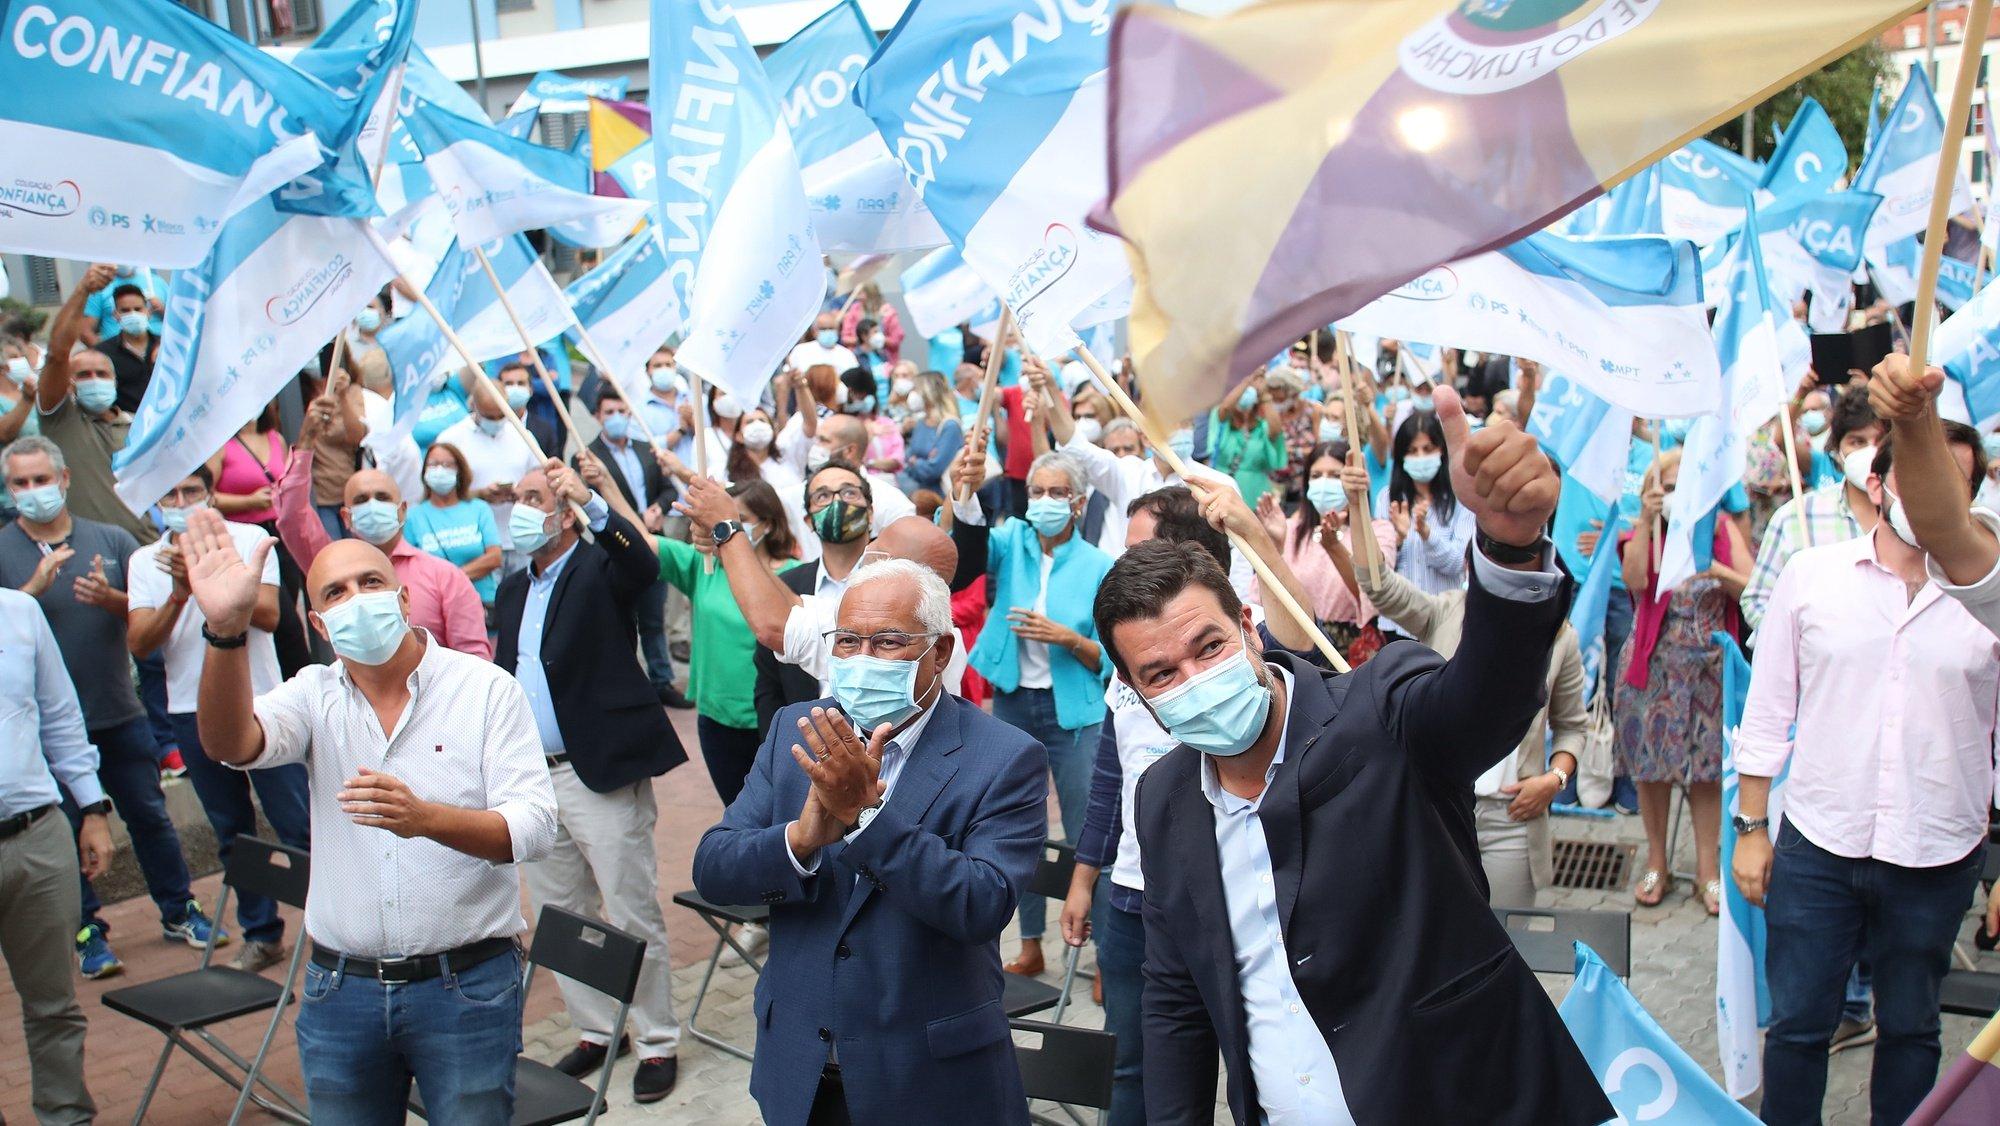 O secretário-geral do Partido Socialista (PS), António Costa (C), acompanhado pelo líder do PS/Madeira, Paulo Cafôfo (D), e pelo candidato à Câmara Municipal do Funchal pelo partido, Miguel Silva Gouveia (E), durante um comício no Funchal, ilha da Madeira, 20 de setembro de 2021. No próximo dia 26 de setembro mais de 9,3 milhões eleitores podem votar nas eleições autárquicas para eleger os seus representantes locais. HOMEM DE GOUVEIA/LUSA